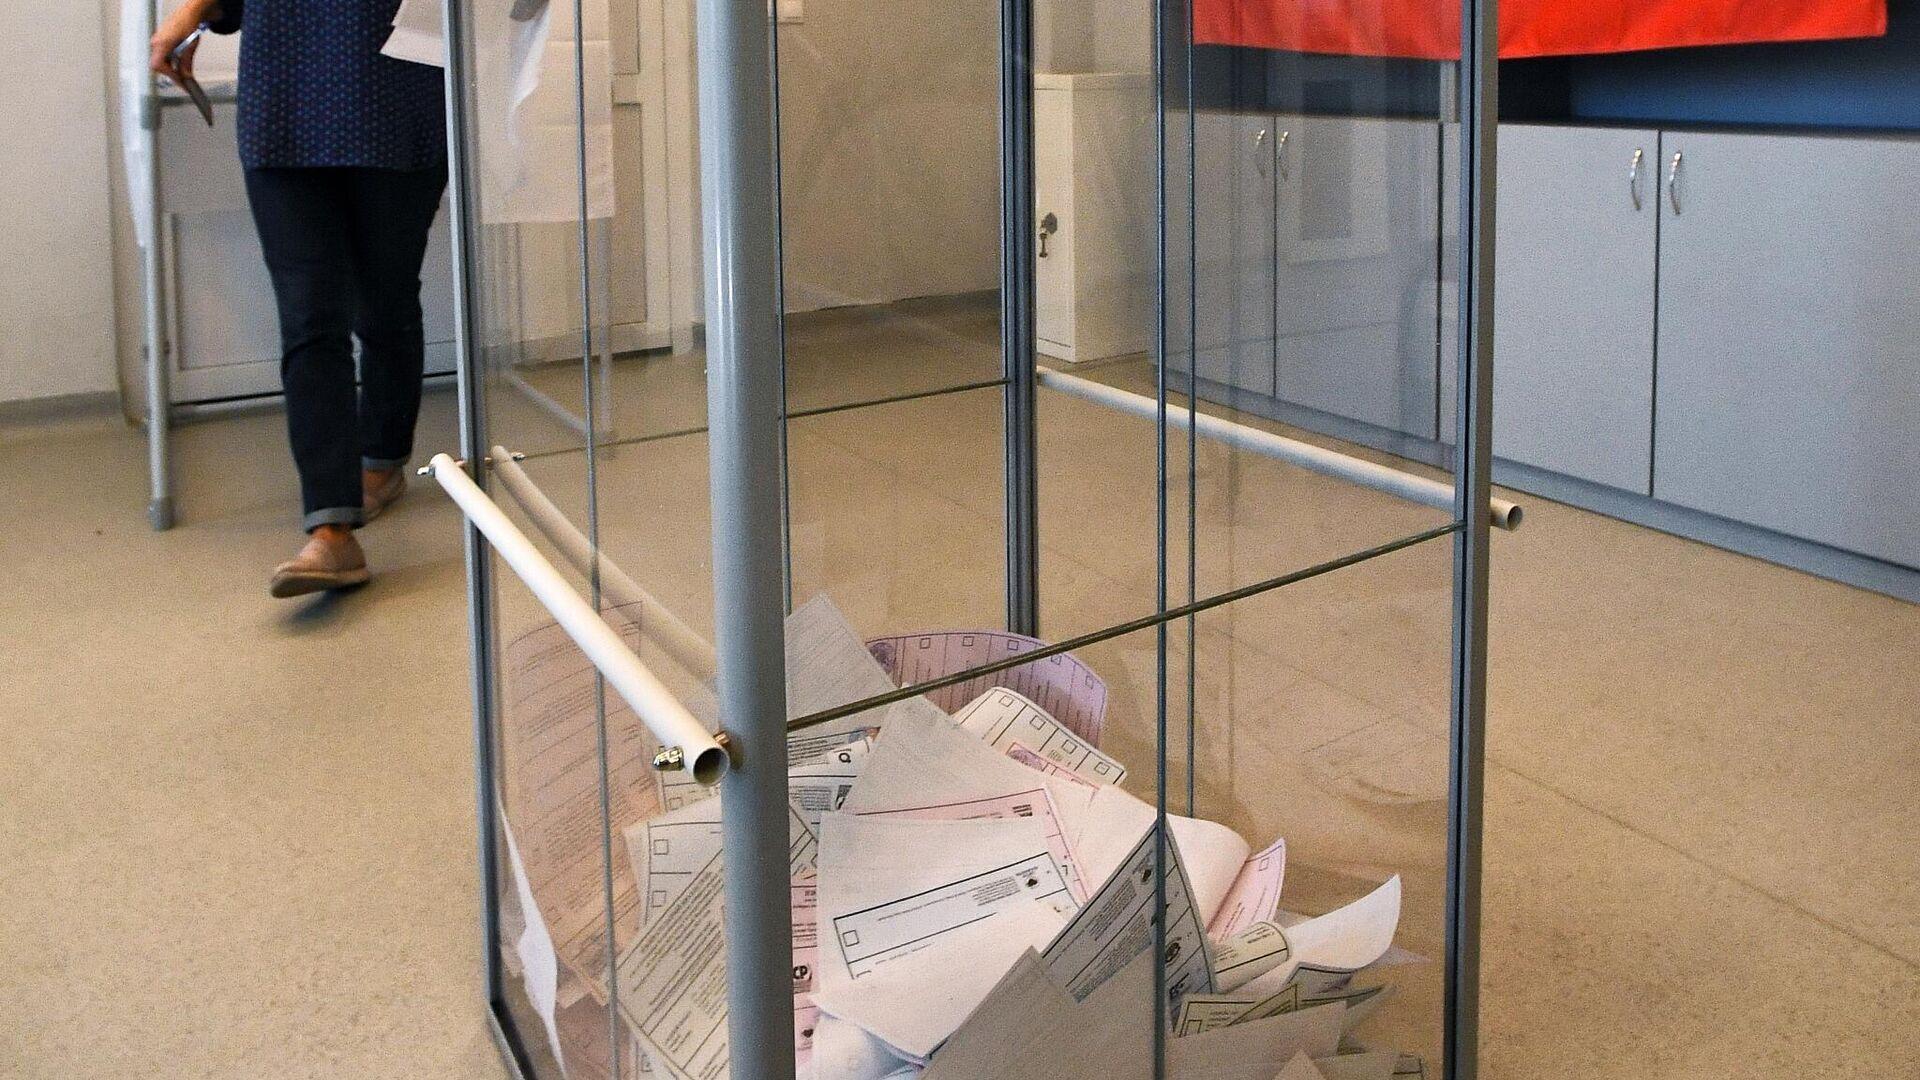 Glasačka kutija na biračkom mestu u Vladivostoku - Sputnik Srbija, 1920, 20.09.2021